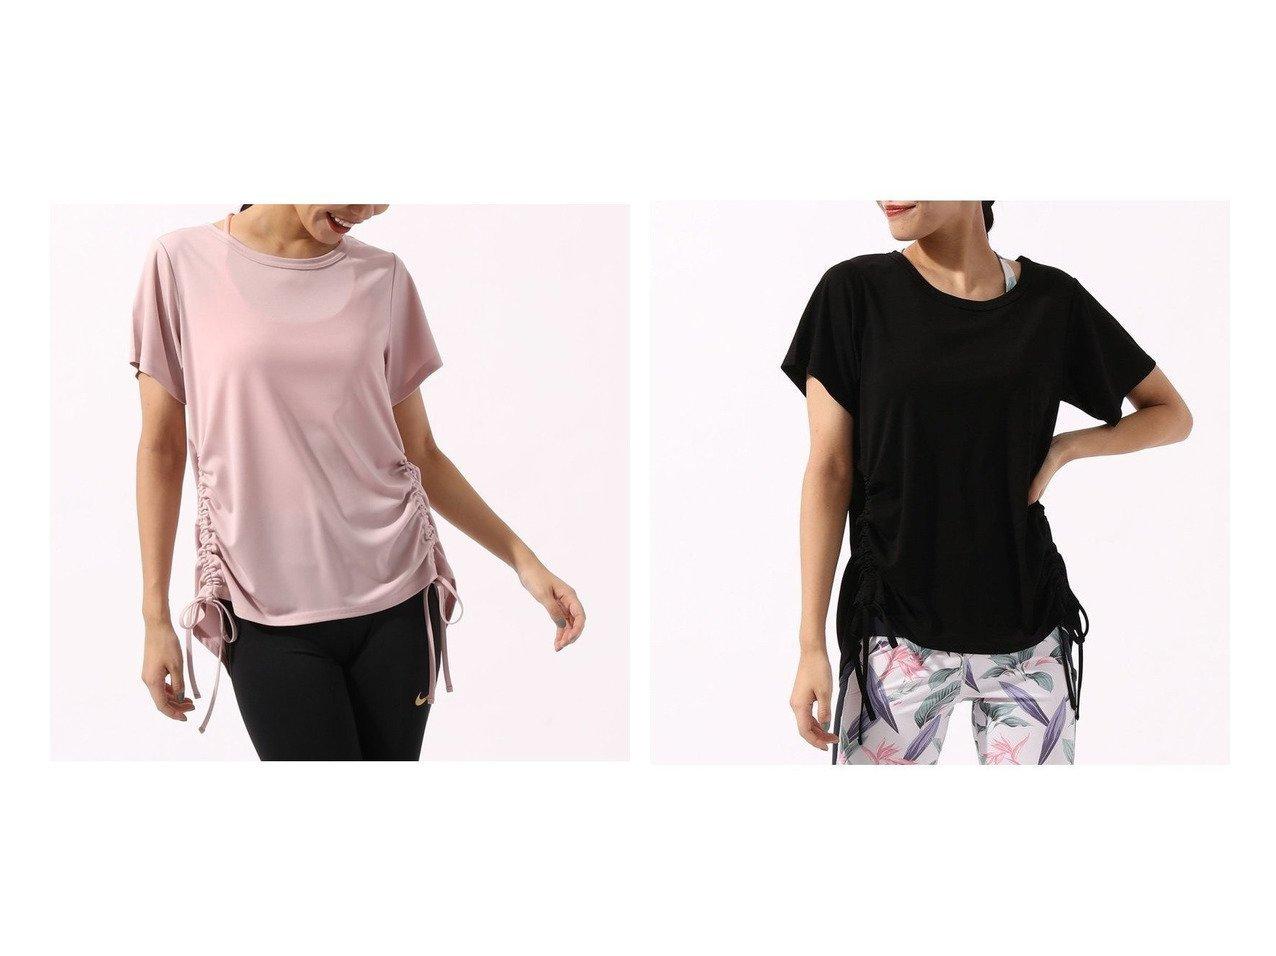 【NERGY/ナージー】のトリアセTシャツ スポーツ・ヨガウェア、運動・ダイエットグッズなどのおすすめ!人気ファッション通販 おすすめで人気の流行・トレンド、ファッションの通販商品 メンズファッション・キッズファッション・インテリア・家具・レディースファッション・服の通販 founy(ファニー) https://founy.com/ ファッション Fashion レディースファッション WOMEN トップス カットソー Tops Tshirt シャツ/ブラウス Shirts Blouses ロング / Tシャツ T-Shirts カットソー Cut and Sewn エレガント カットソー シャーリング ヨガ |ID:crp329100000023631